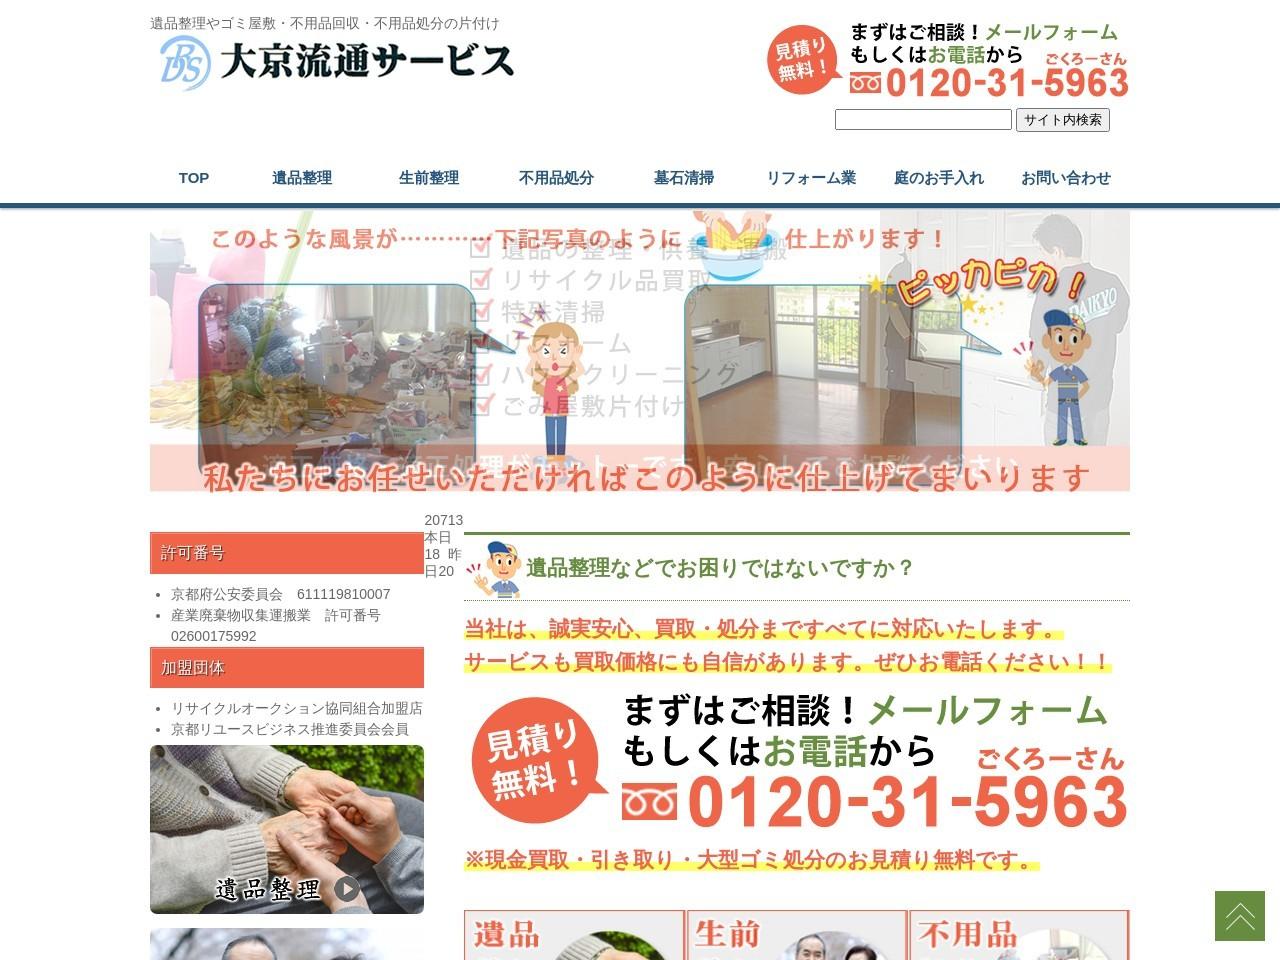 大京流通サービス